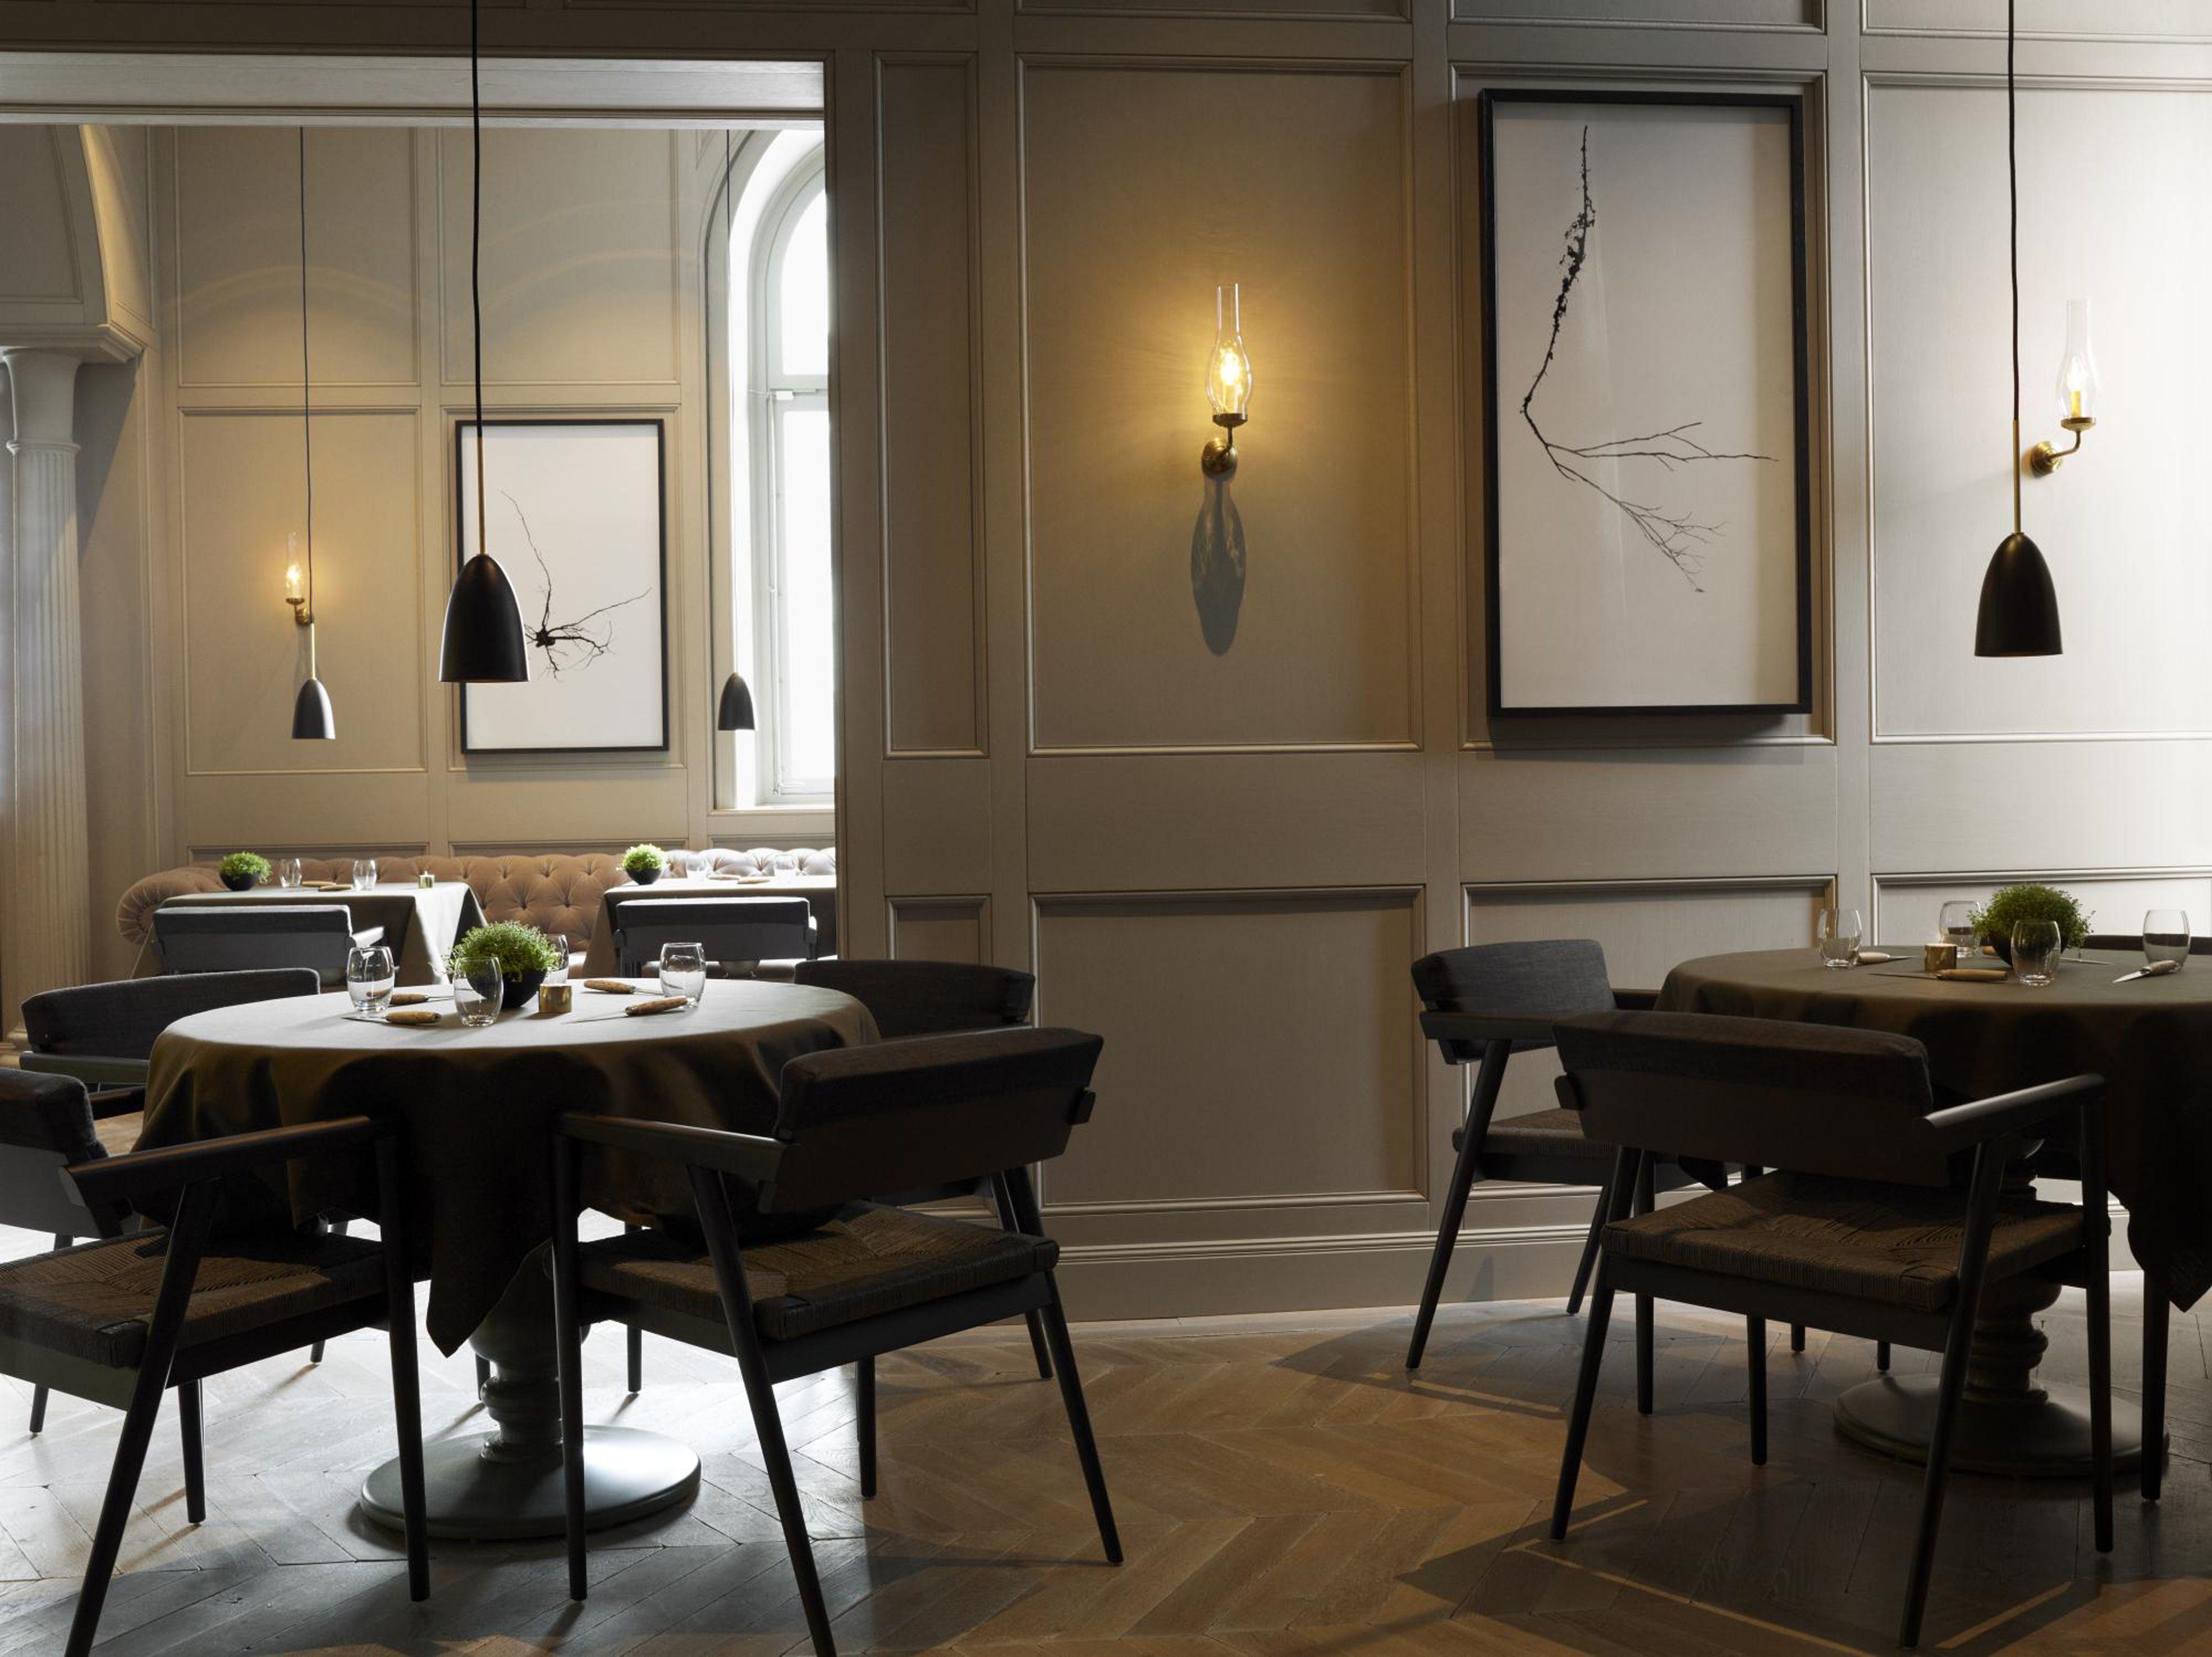 Inredningshj lpen s kresultat ilse crawford for Design hotel 16 geneva